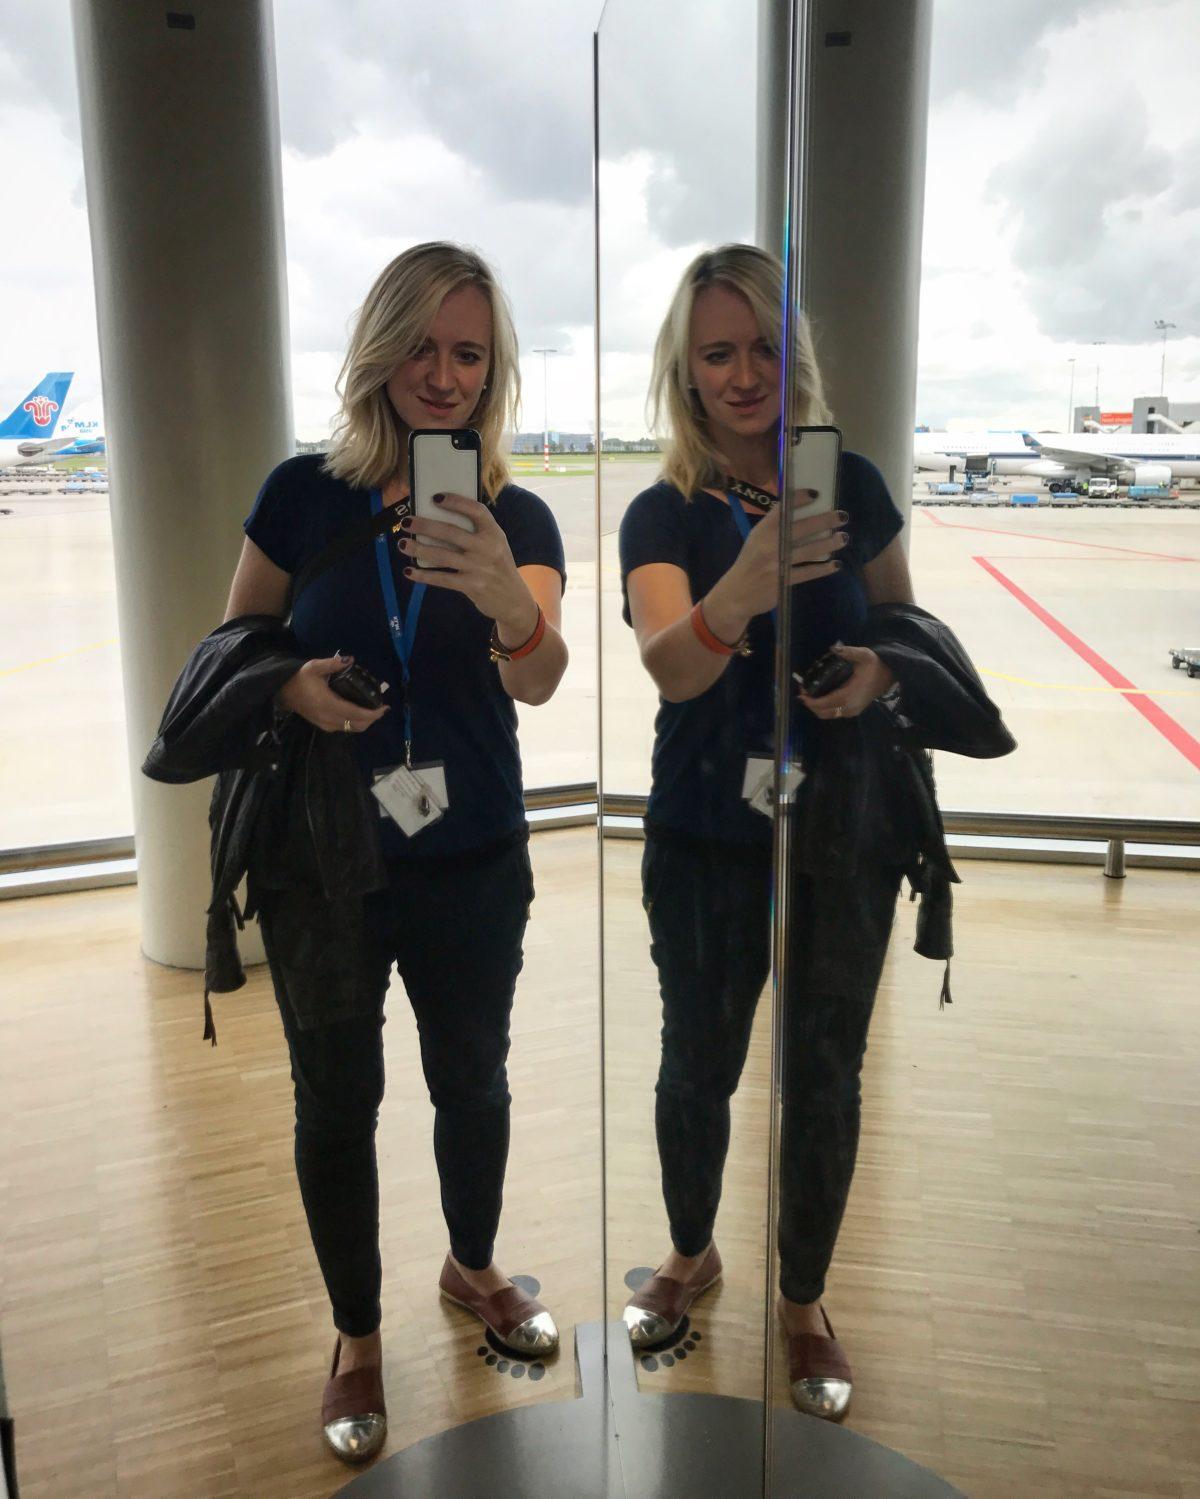 flygplats jobbdag